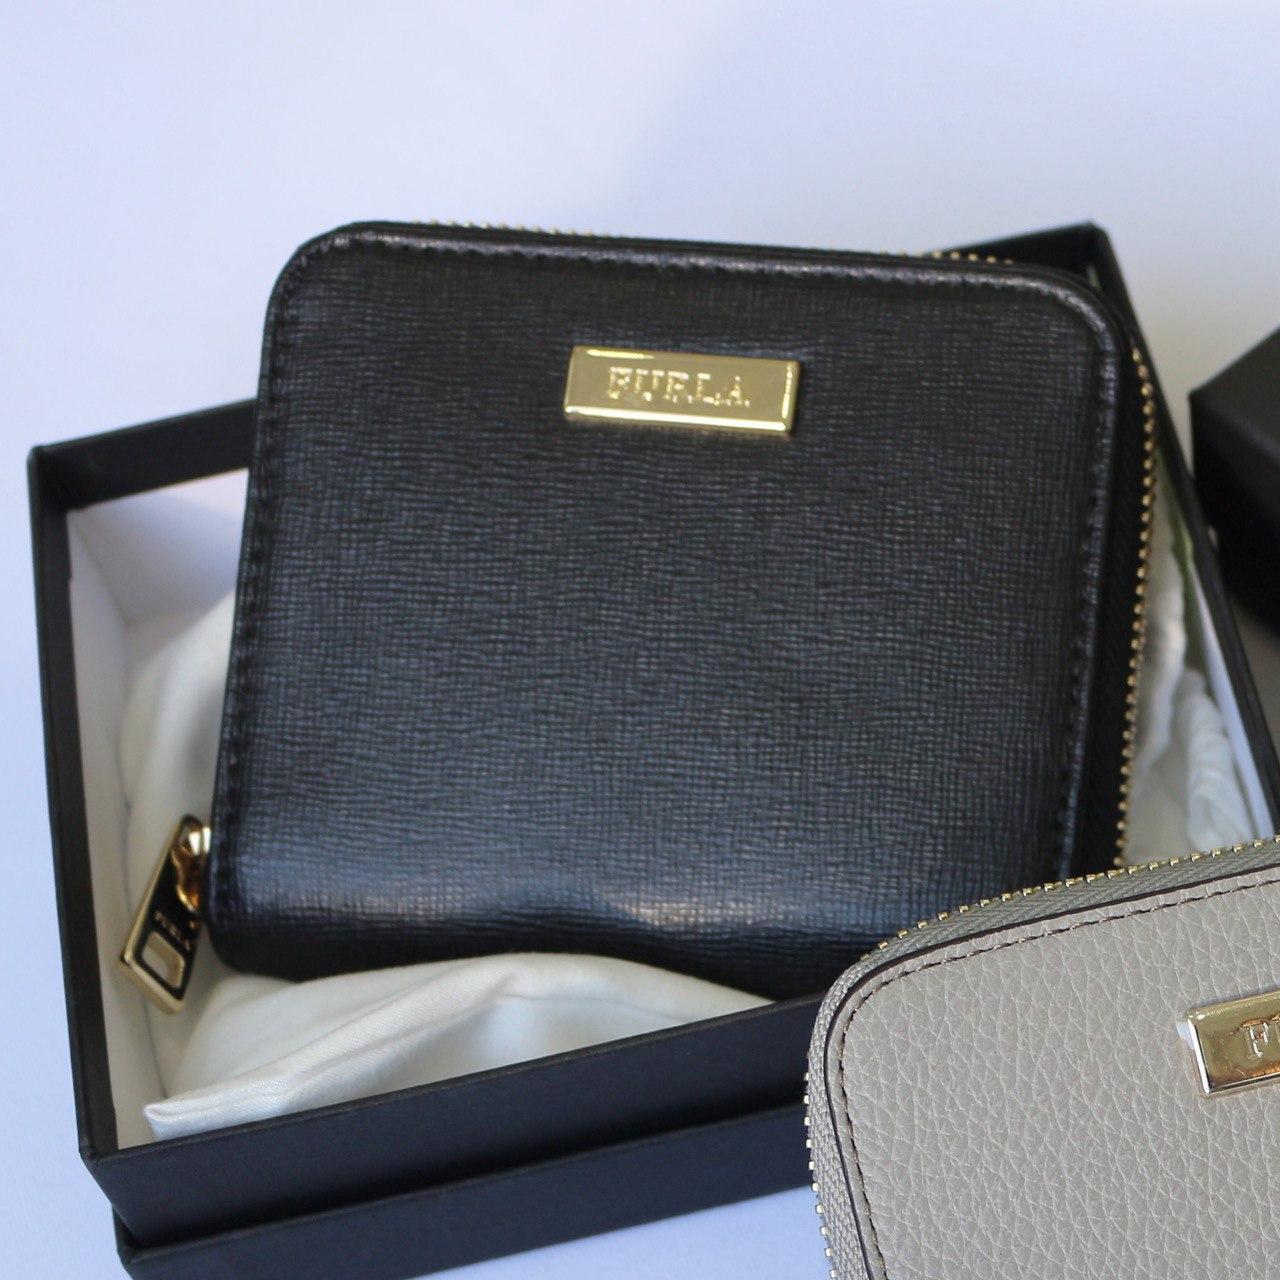 Кошелек FURLA B30 classic черный кожаный женский маленький